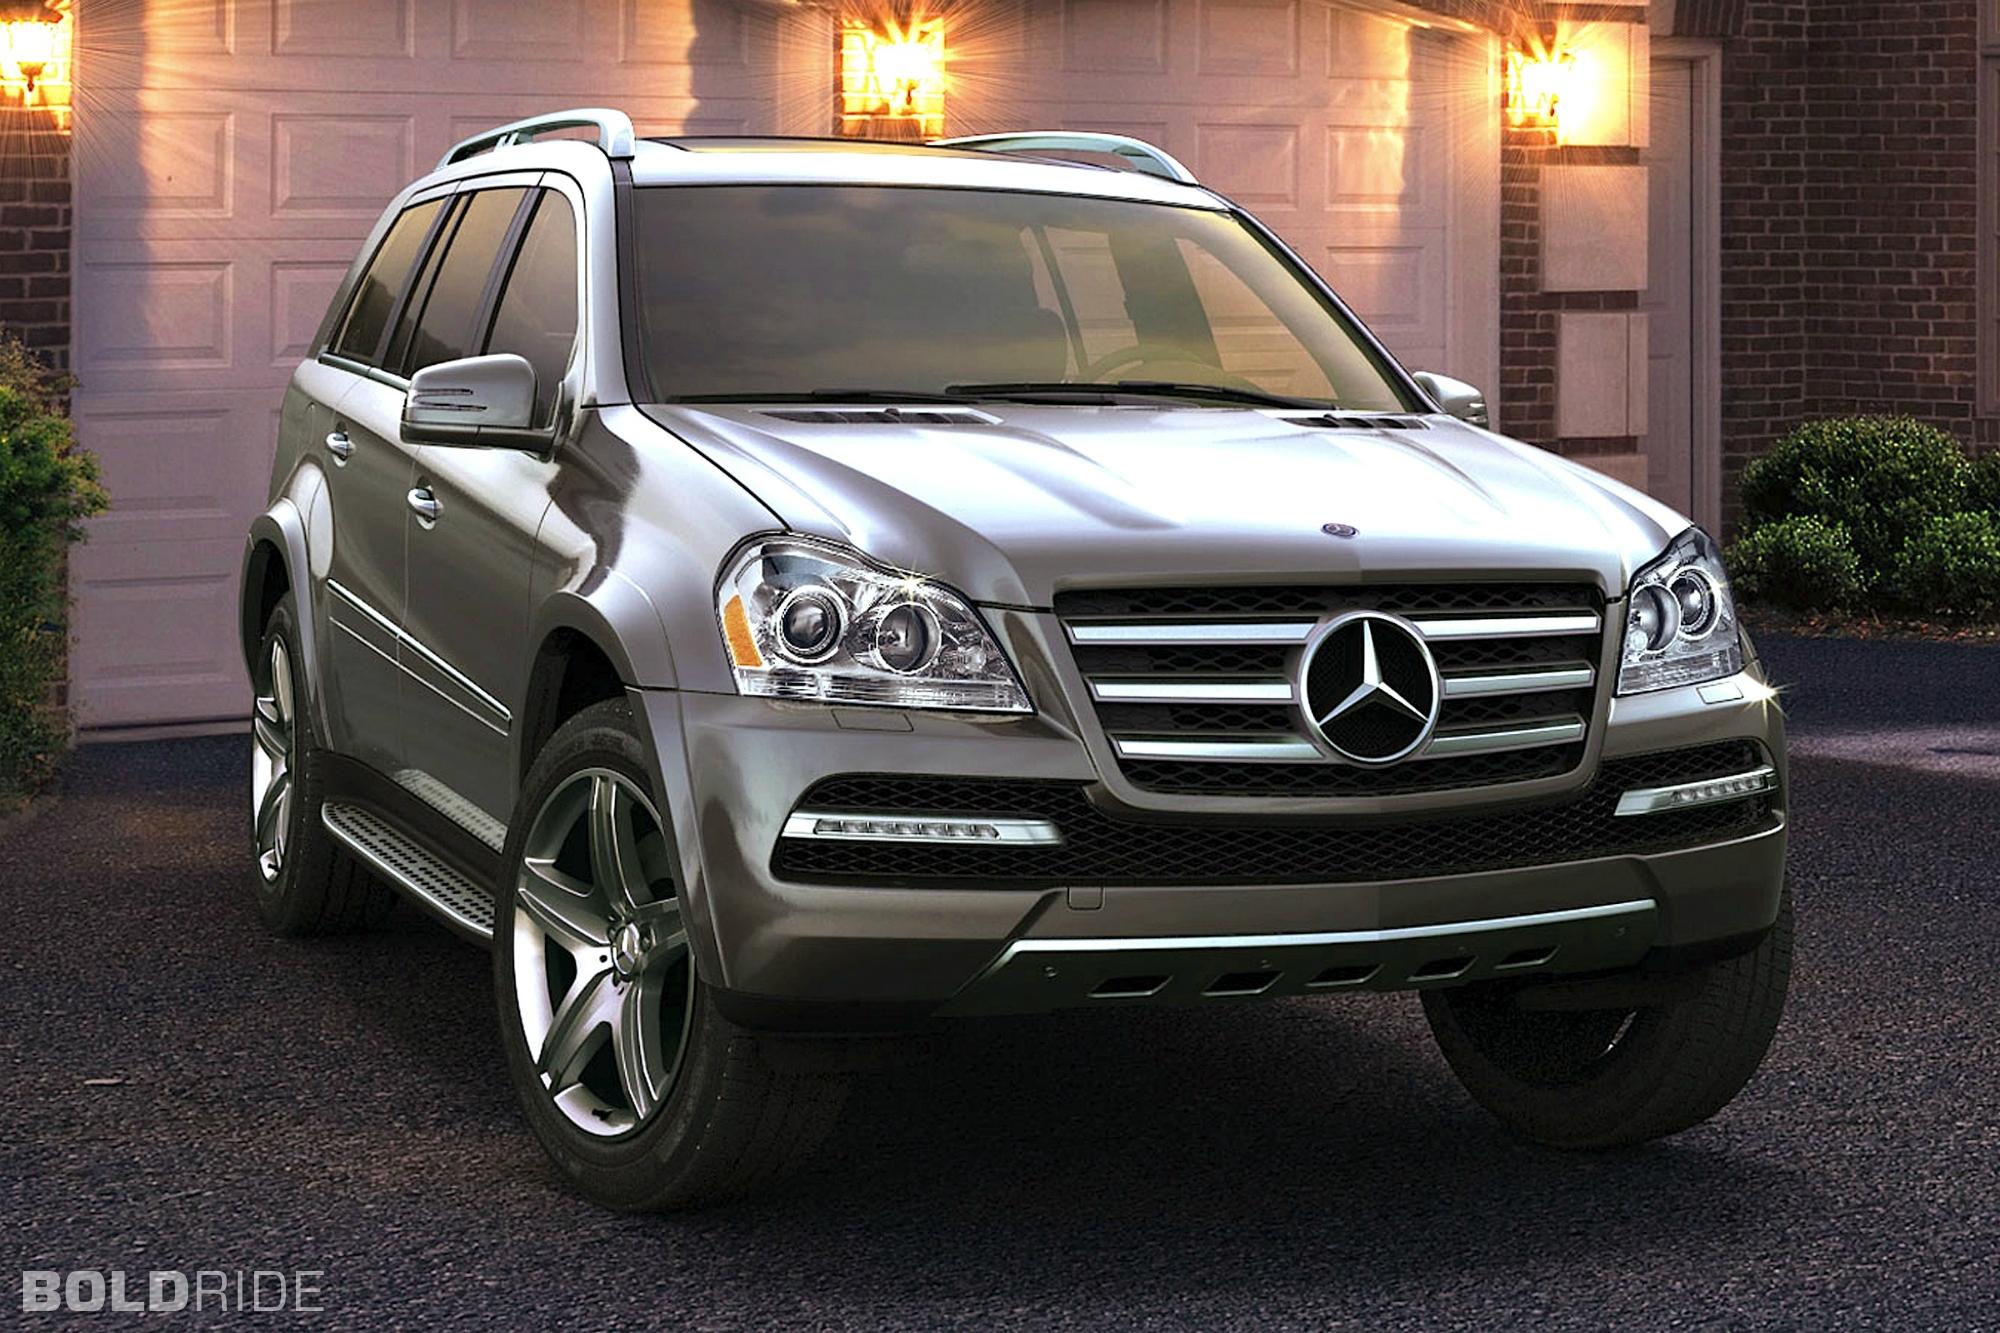 2012 mercedes benz gl class image 16 for Mercedes benz gl 2012